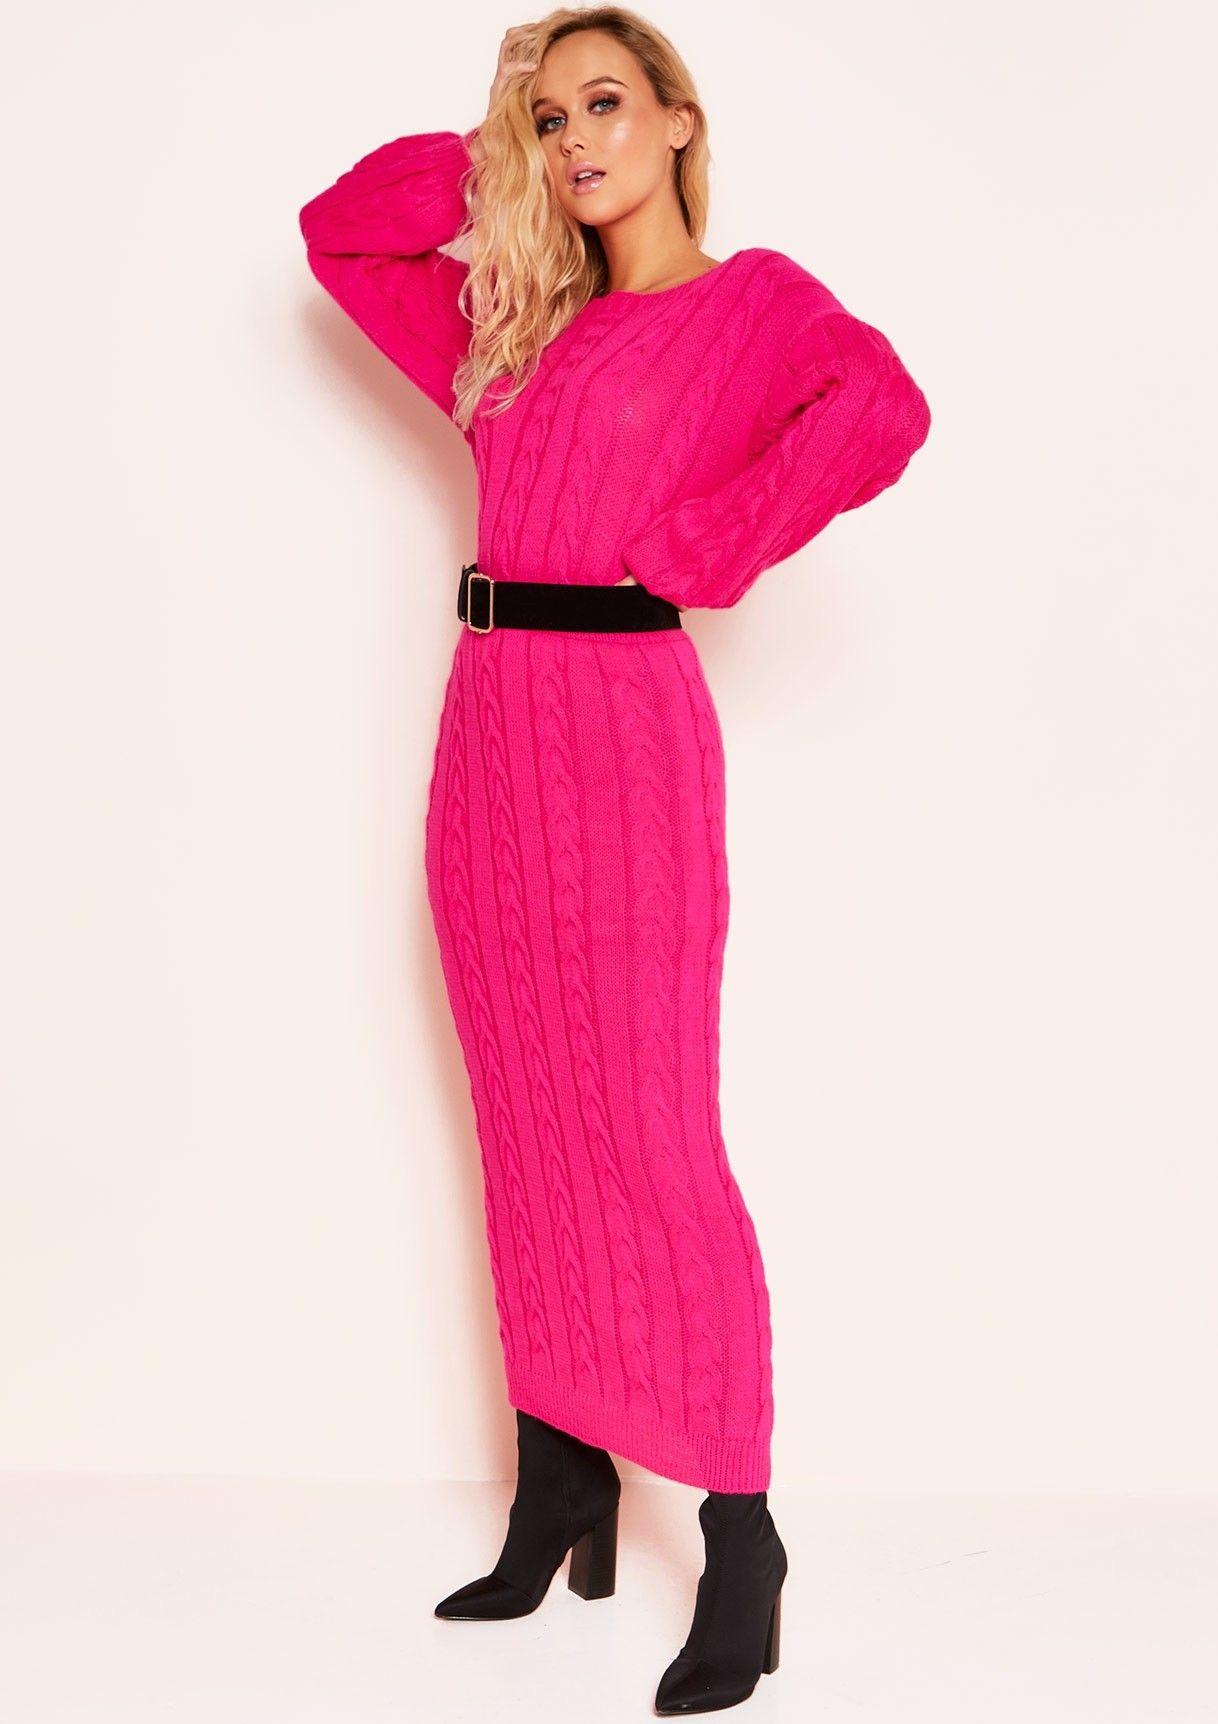 Missyempire - Noara Neon Pink Knit Midi Co-ord Set 584099b0a